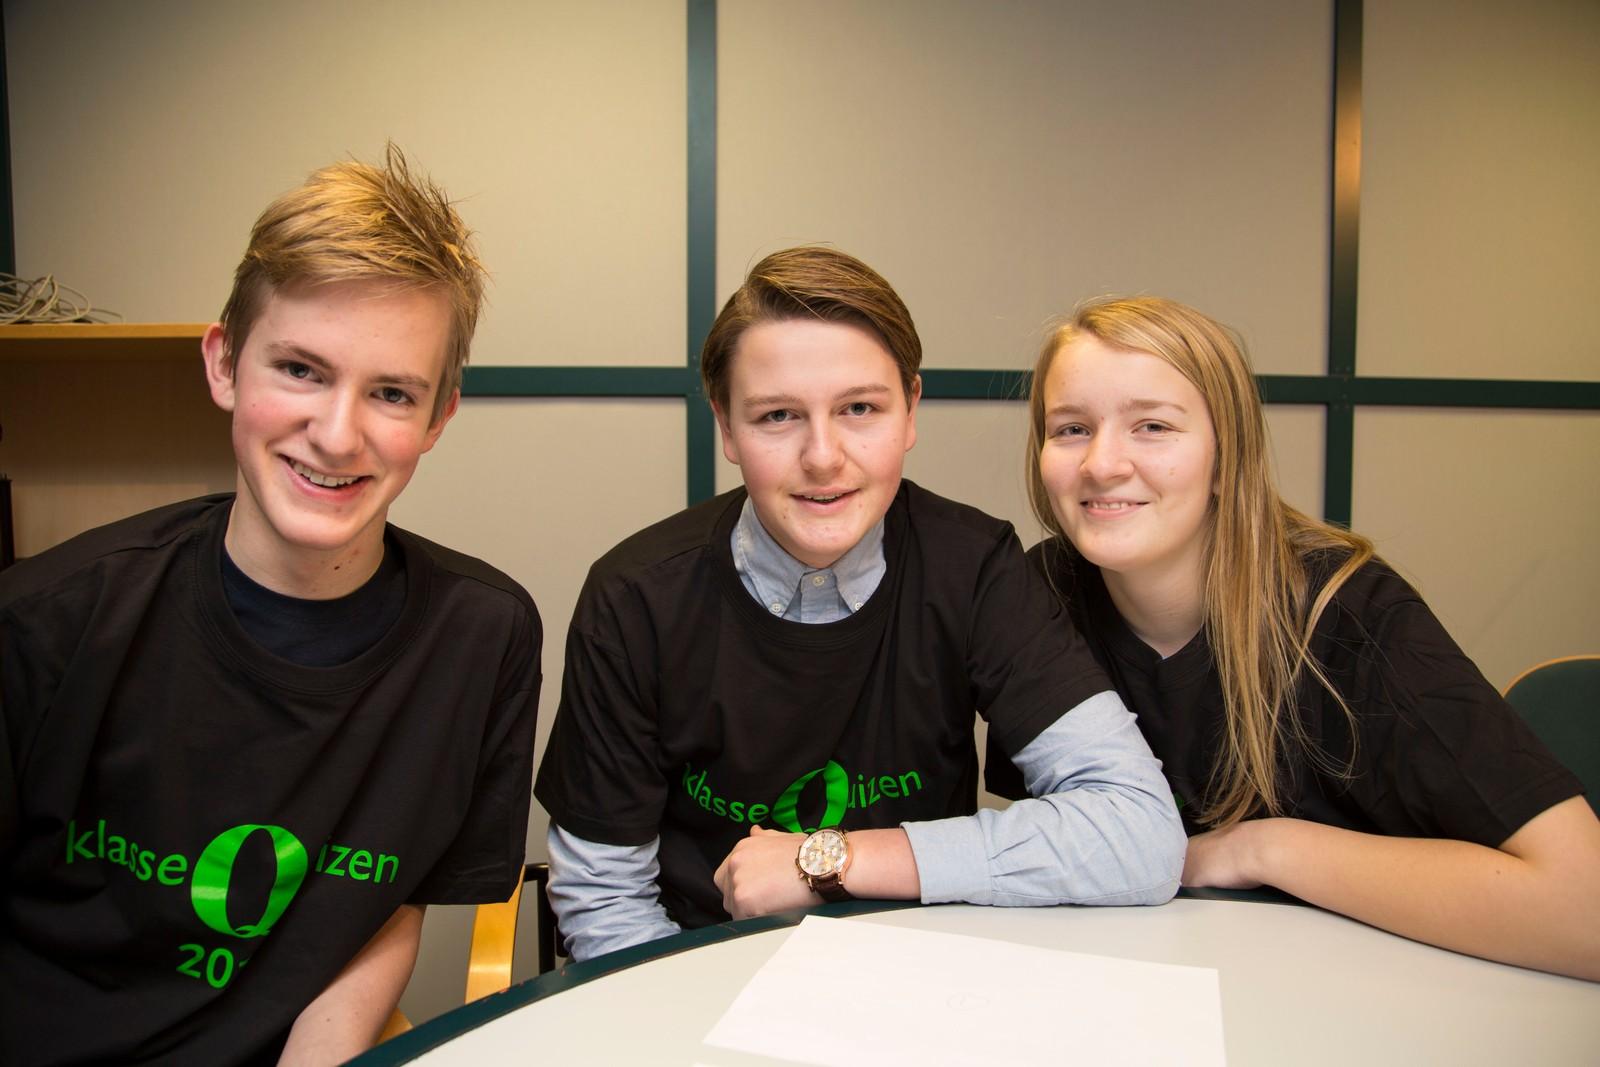 10 POENG: Gautesete skole var først ut i Klassequizen i Rogaland: Even Harboe, Elias Nilsen og Eva Melberg.